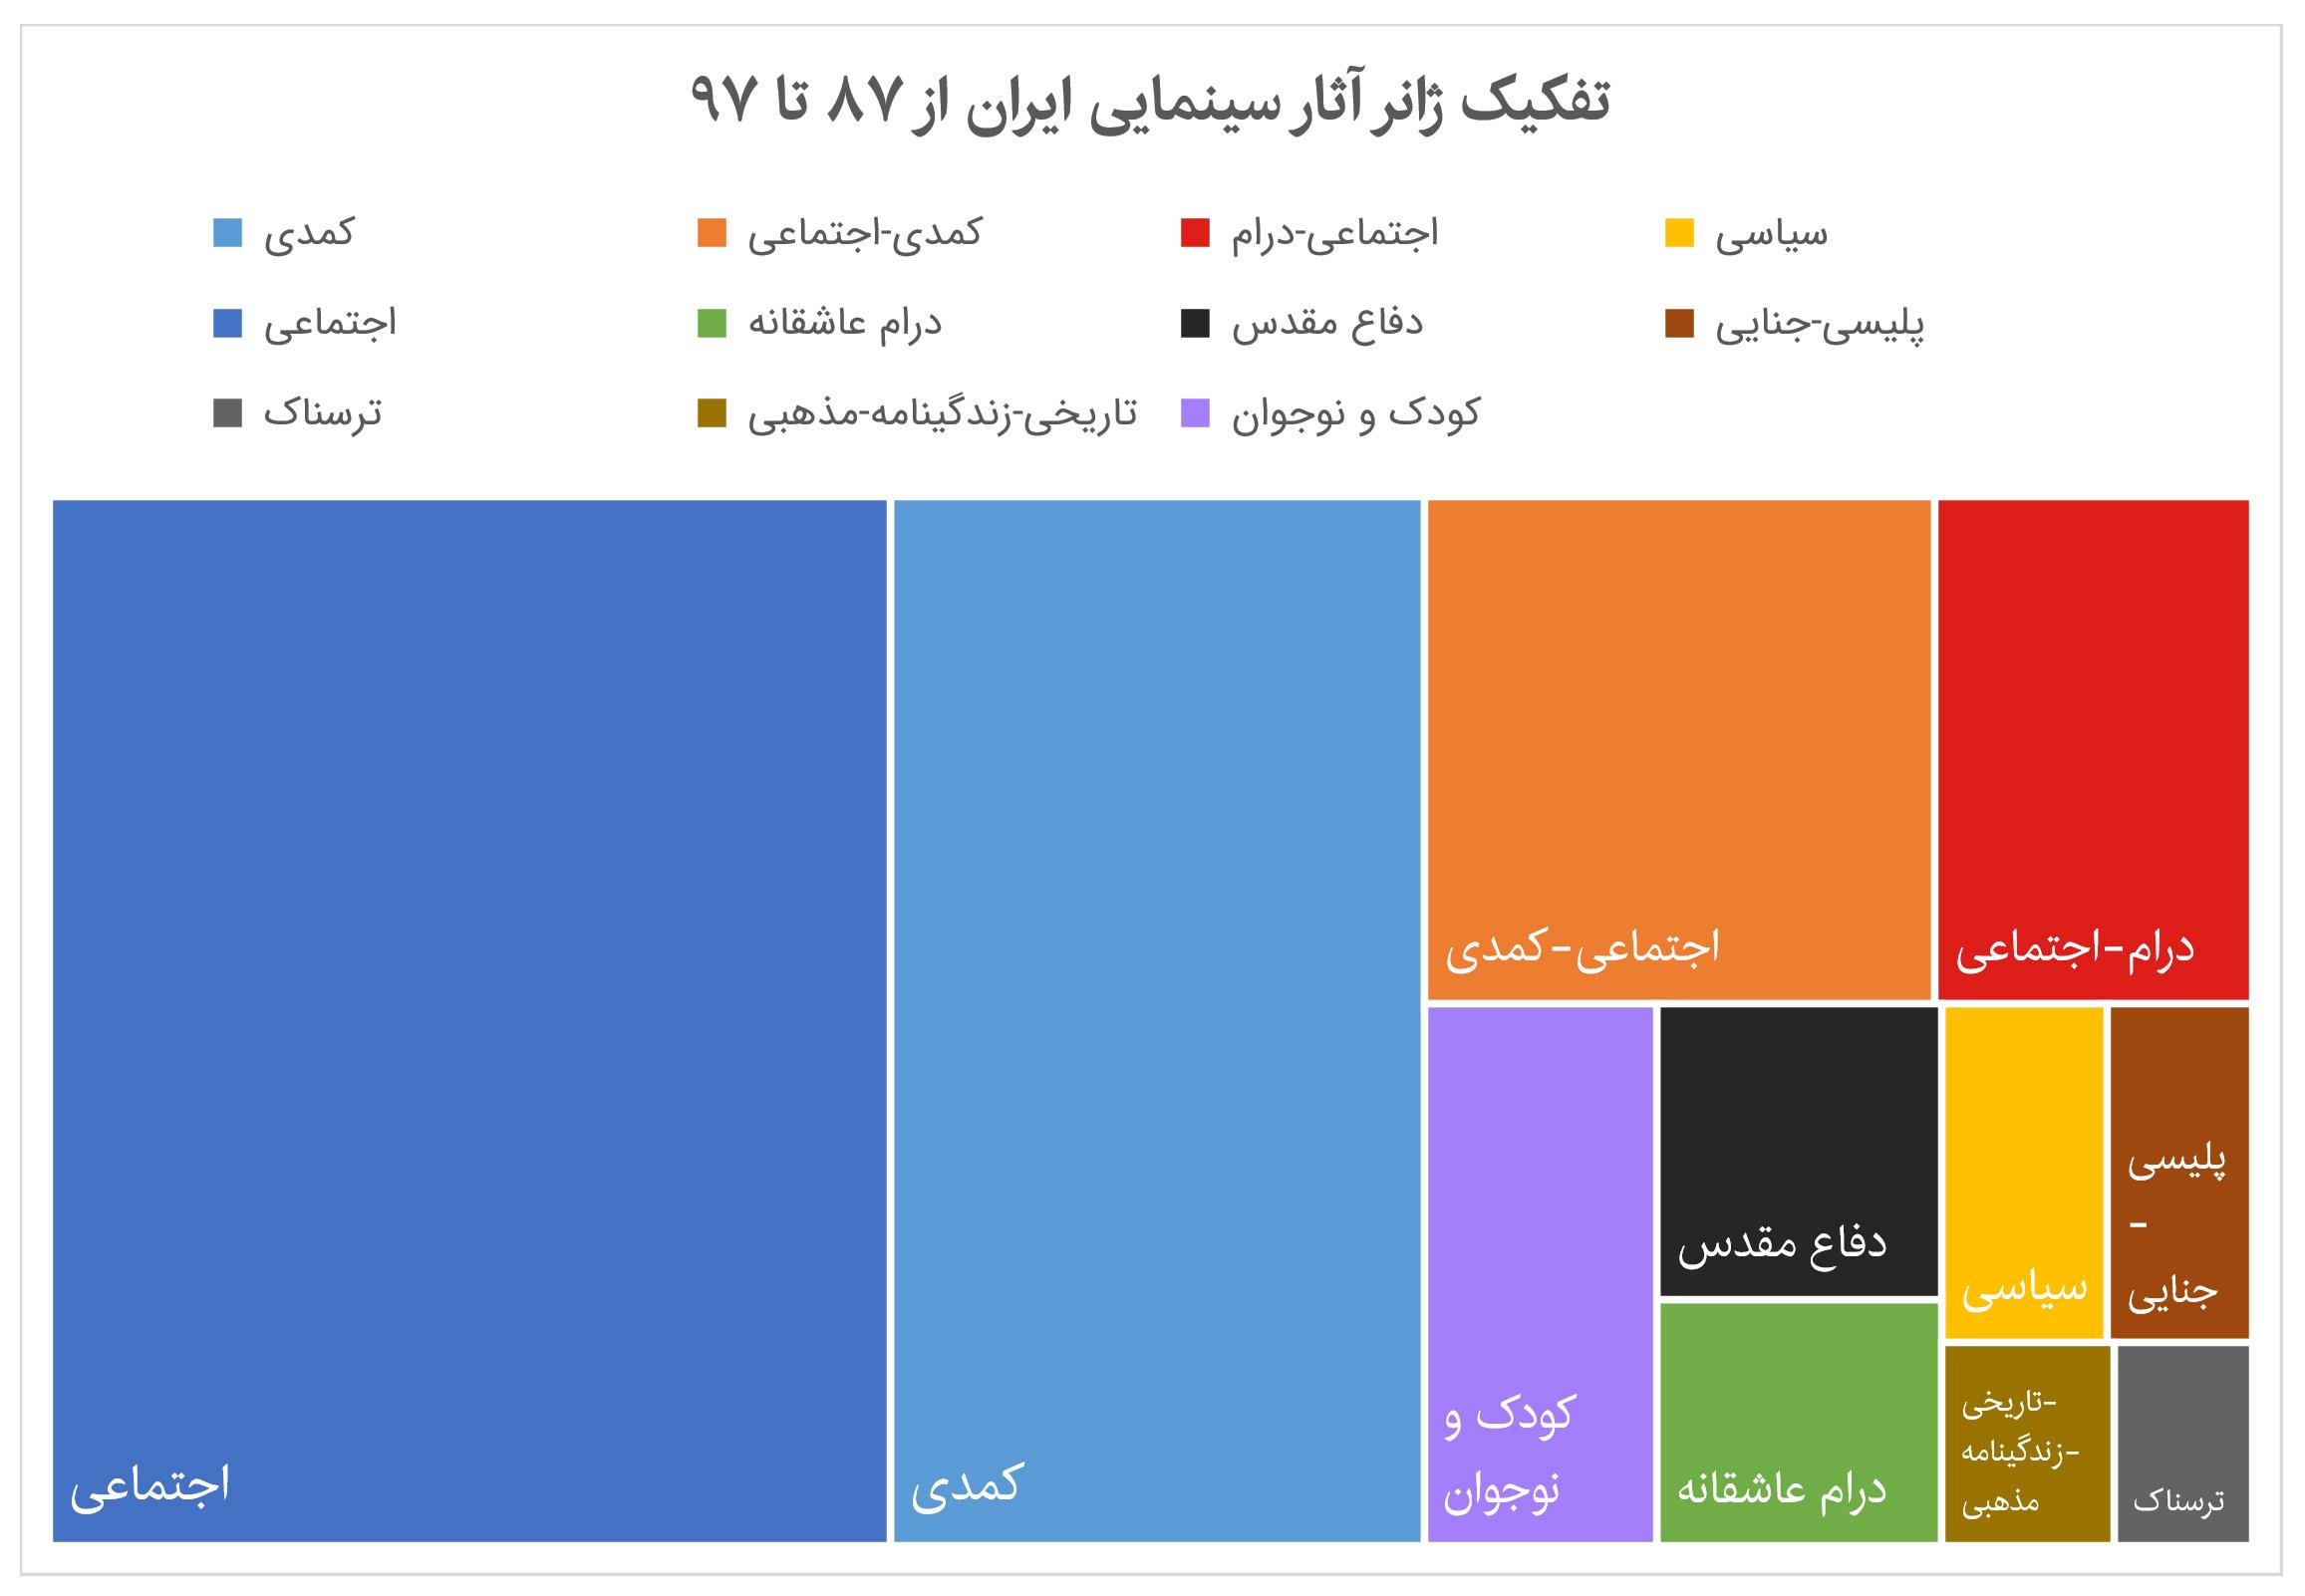 ۳۳۰ فیلم برتر سینمای ایران از ۸۷ تا ۹۷ به تفکیک ژانر